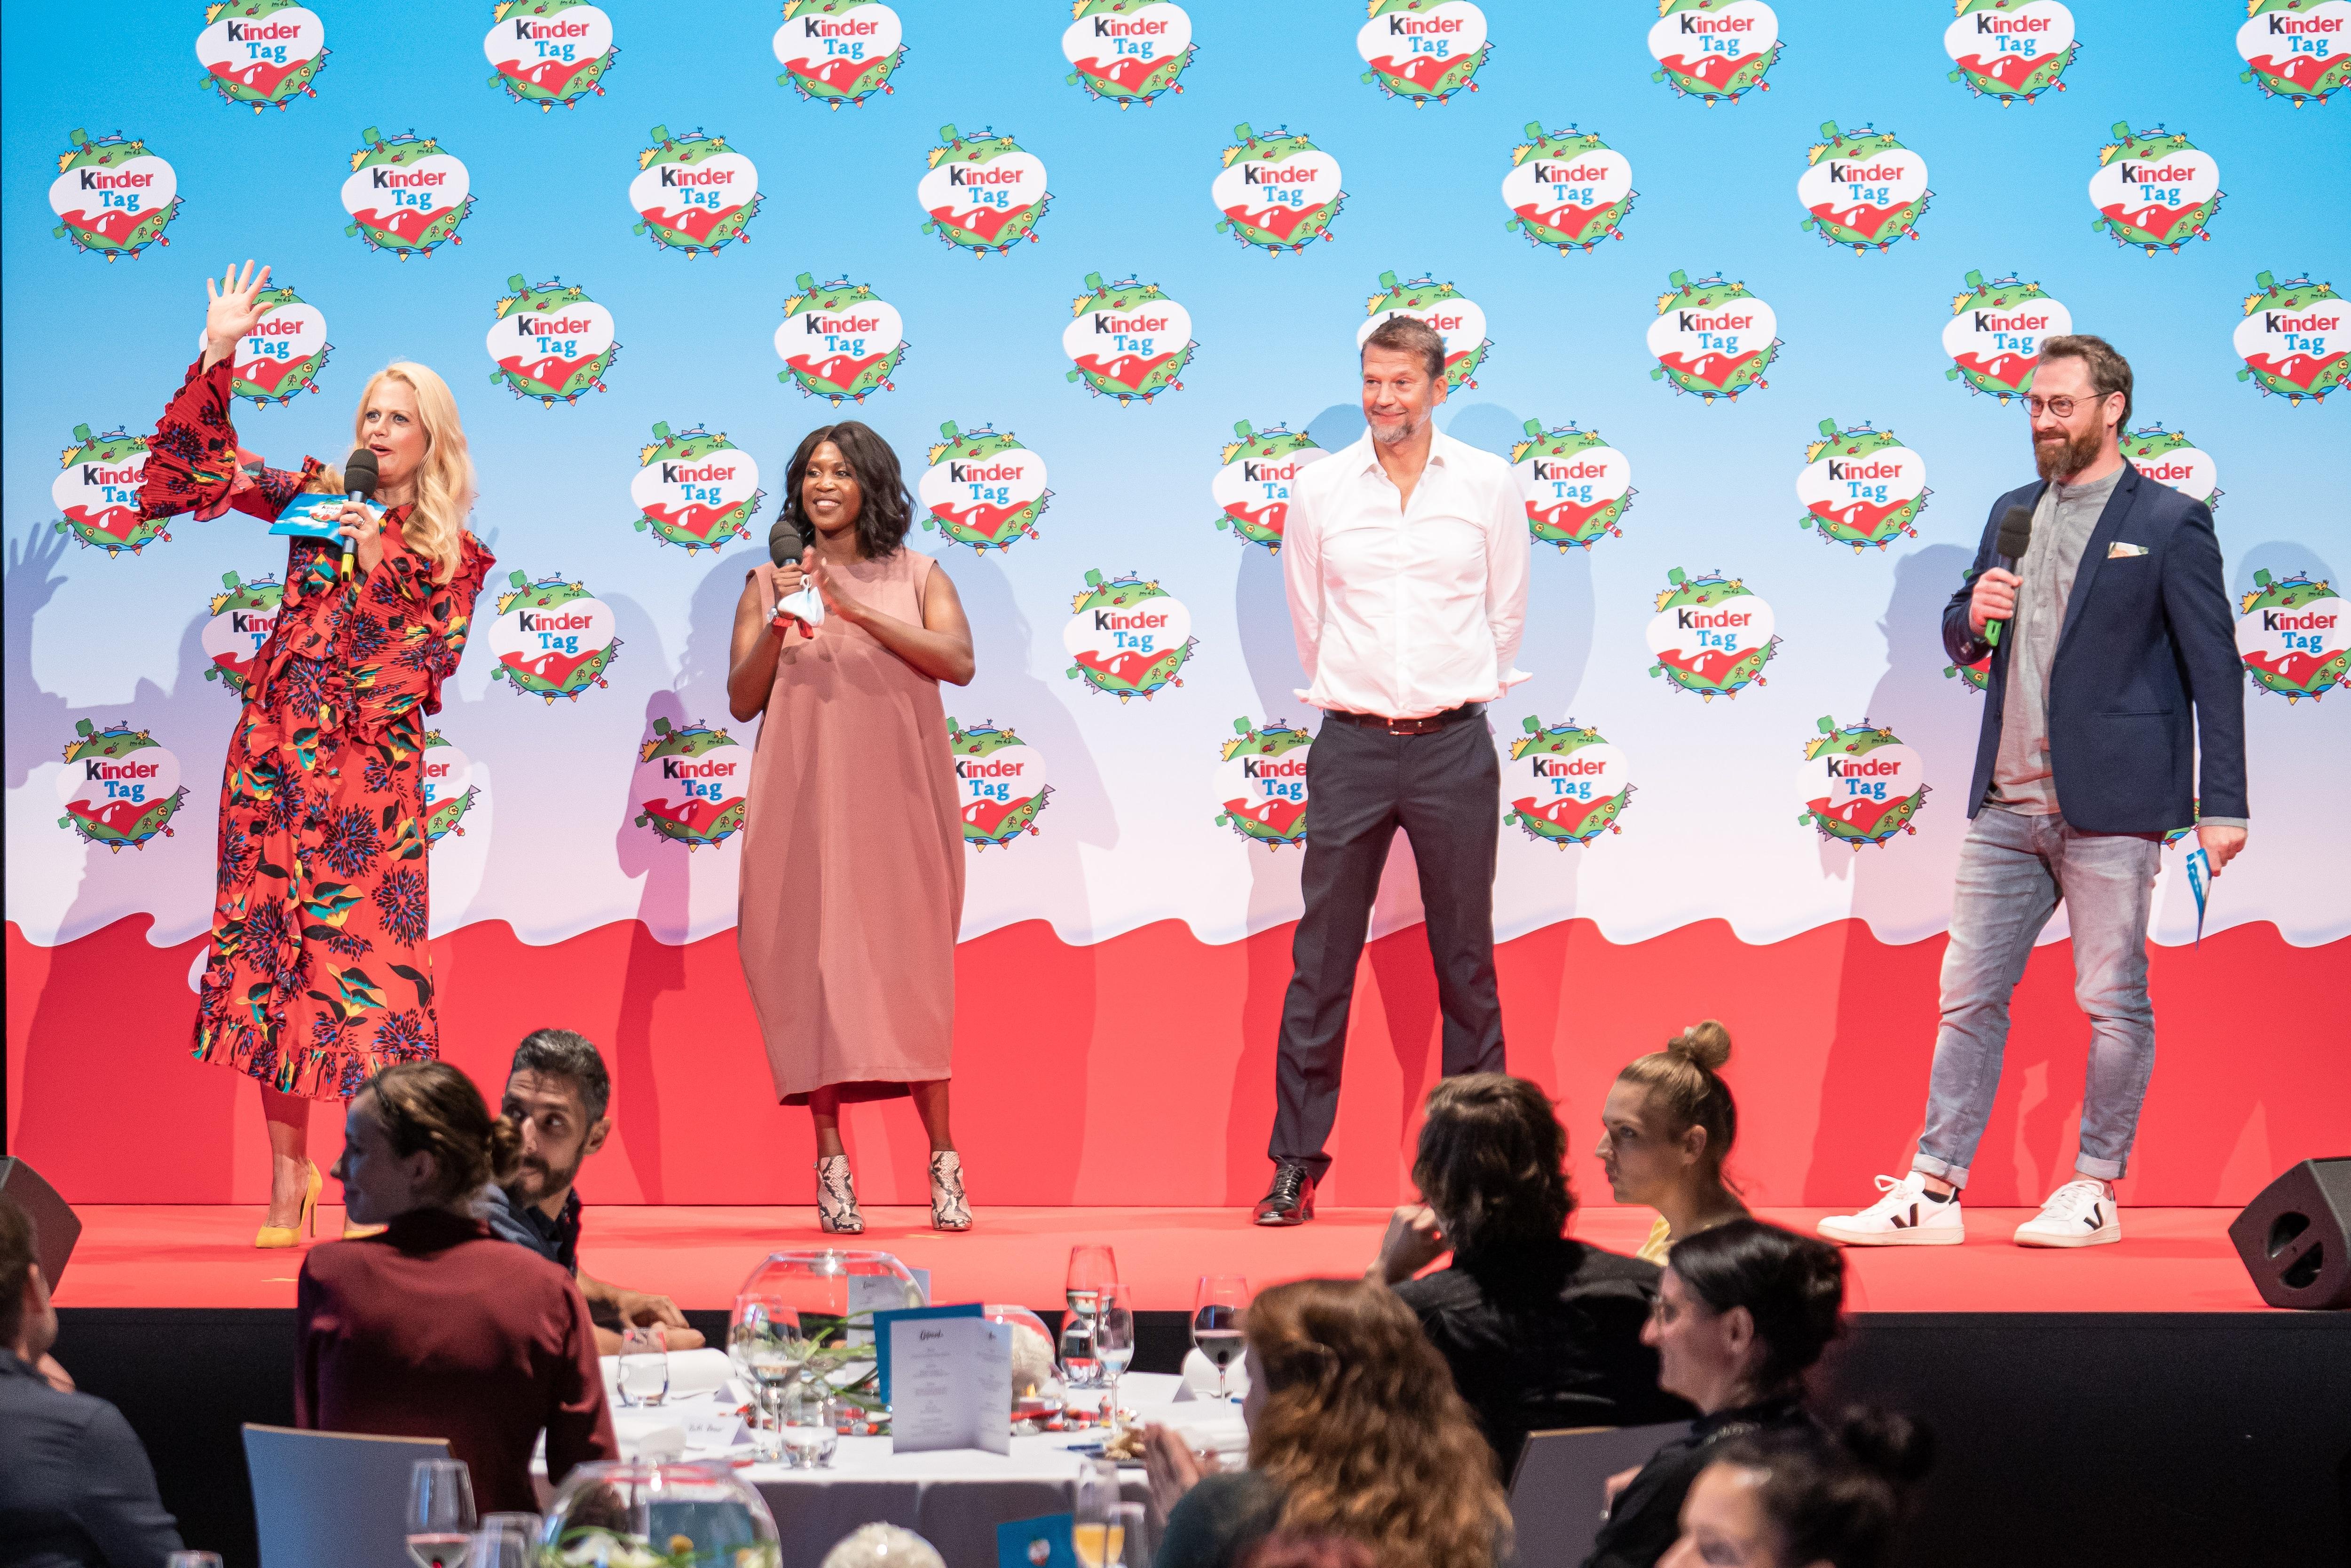 Barbara Schöneberger mit Gästen beim kinderTag 2020